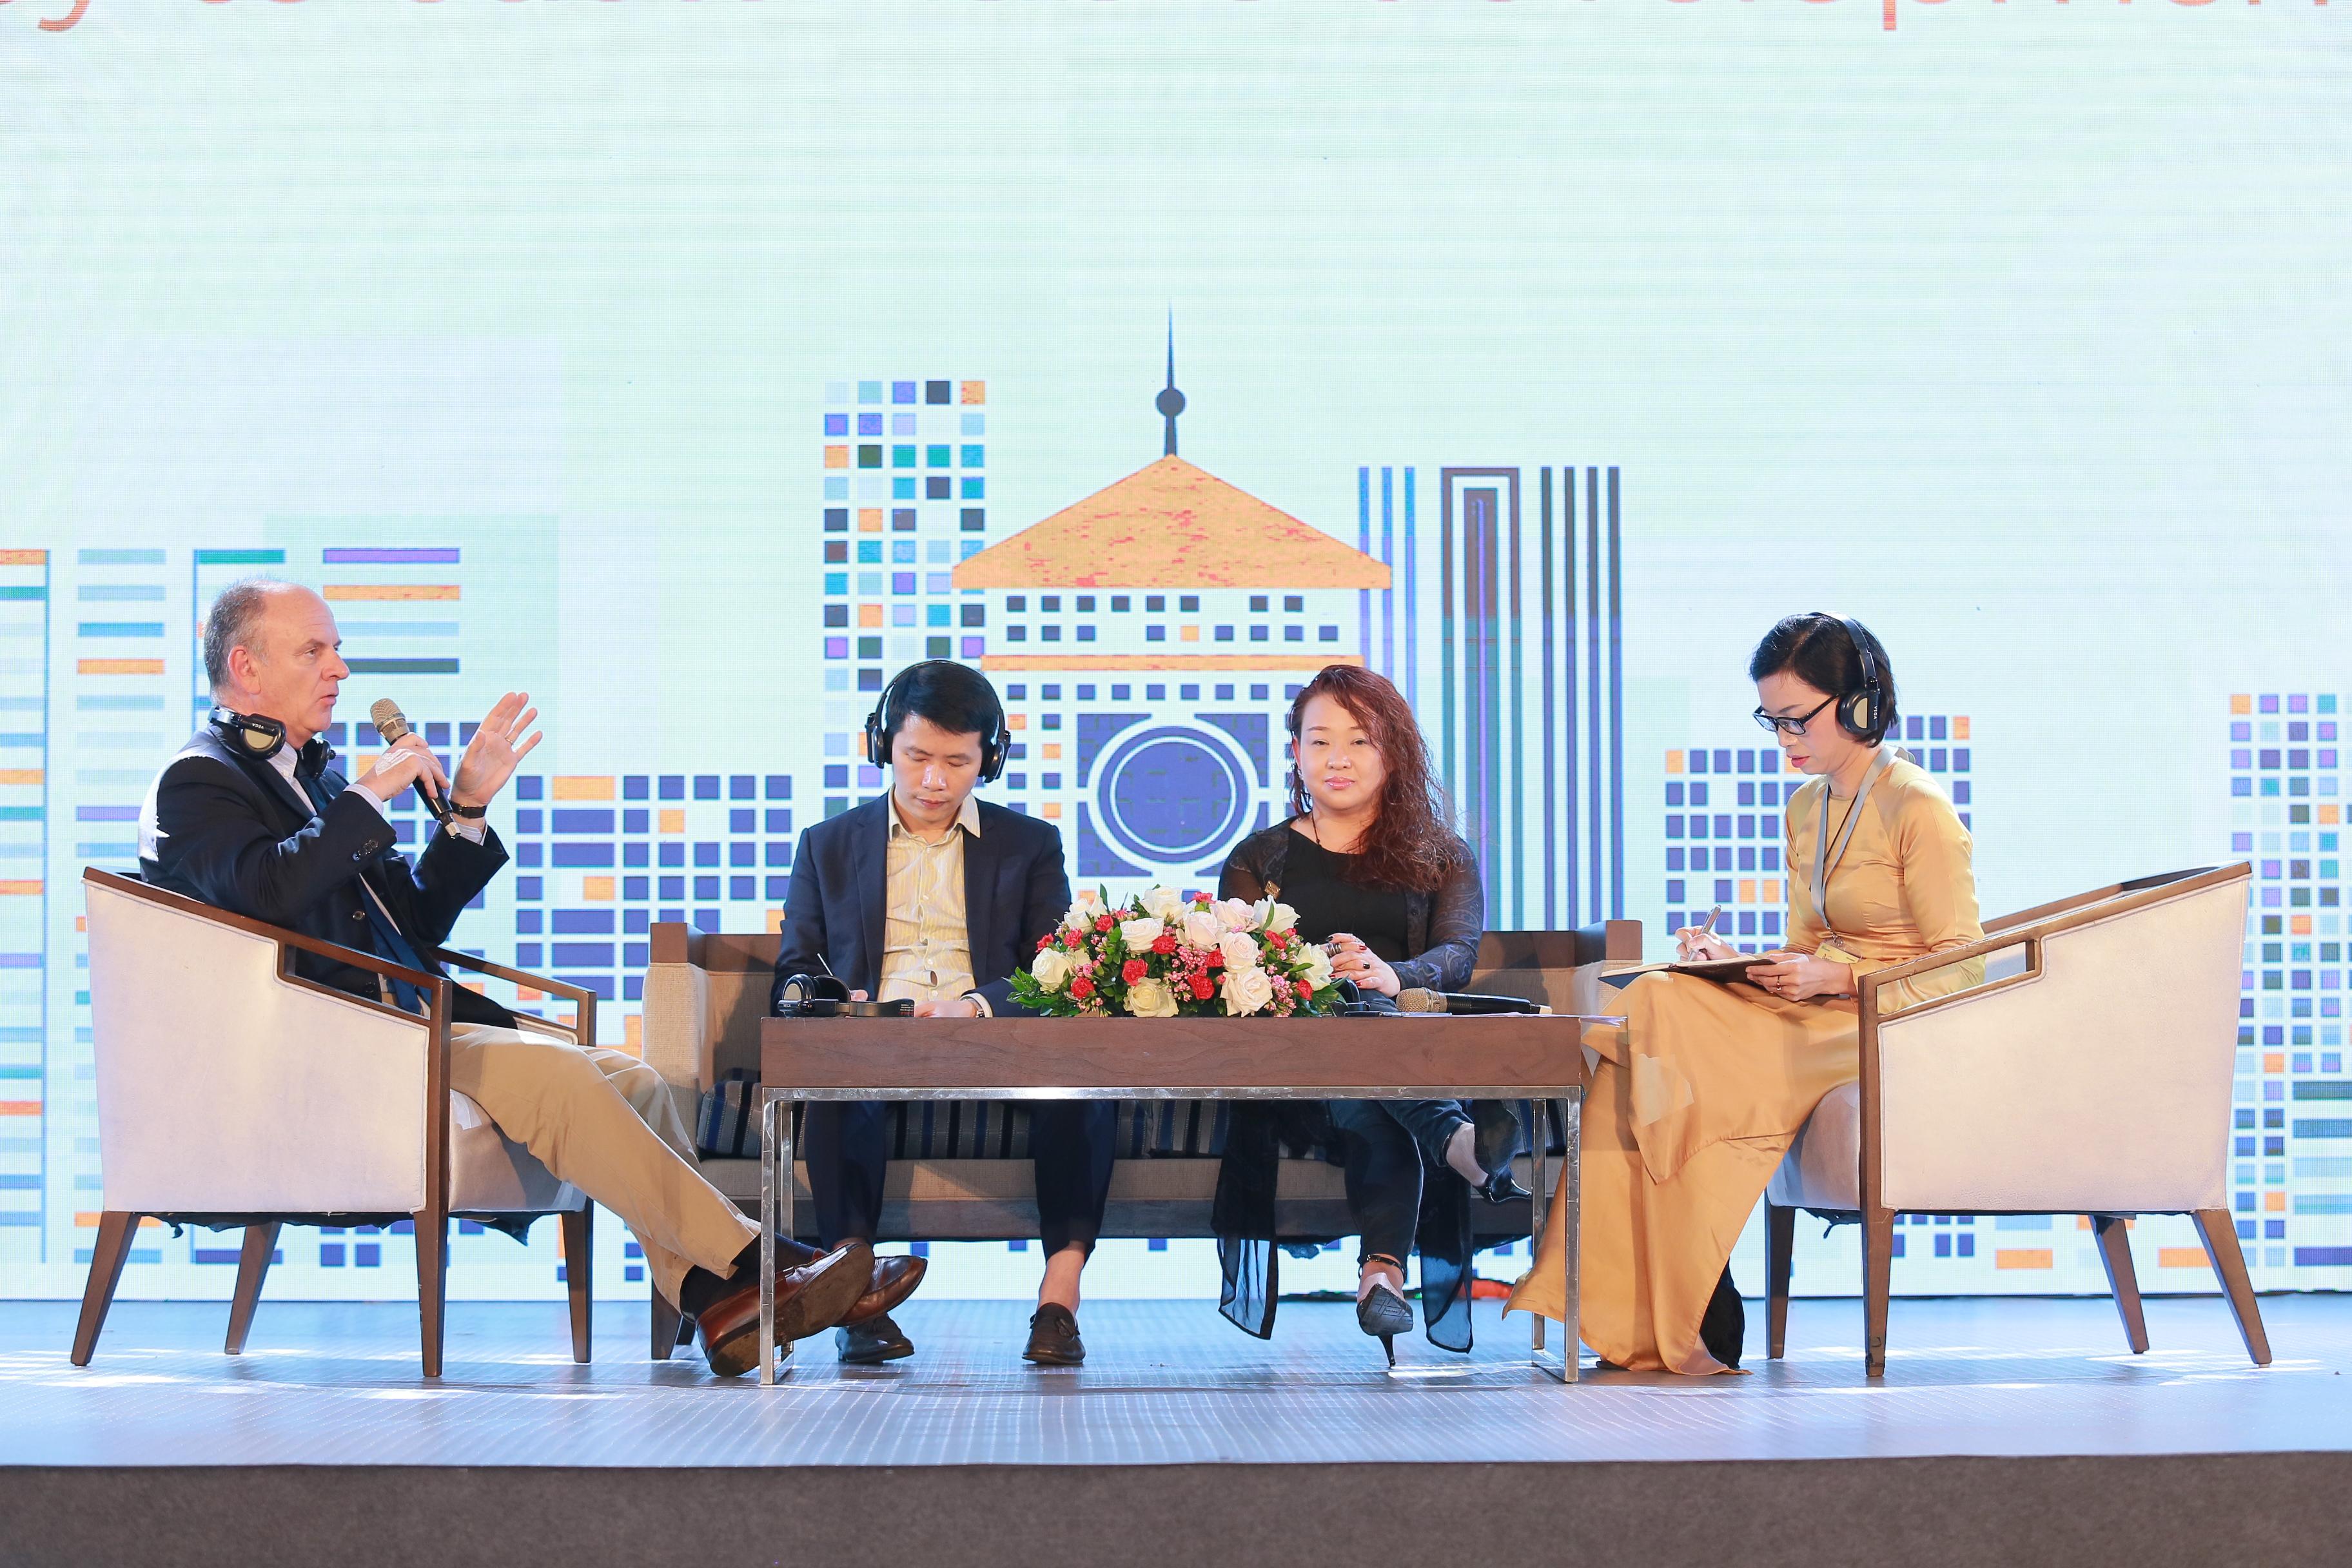 Các diễn giả cùng tham gia trao đổi về chủ đề Các ưu tiên cần làm để thúc đẩy hoạt động bảo tồn di sản tại Việt Nam